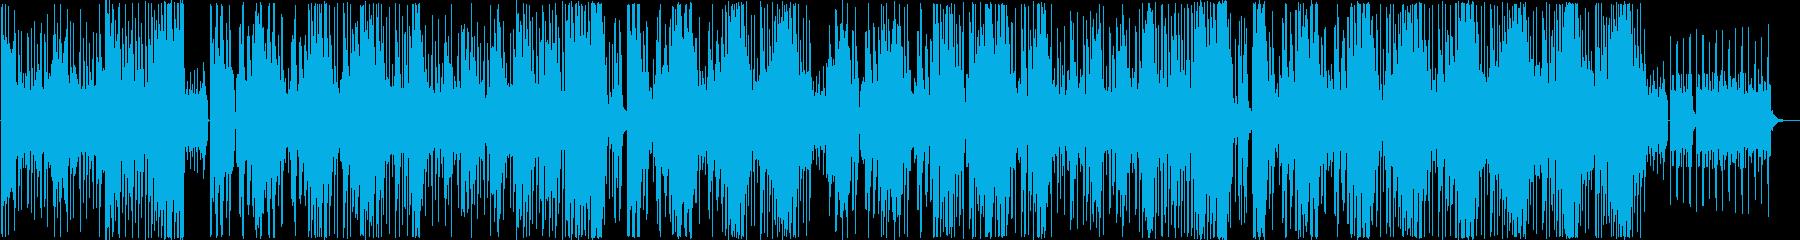 KPOPエキサイティングサックストラップの再生済みの波形